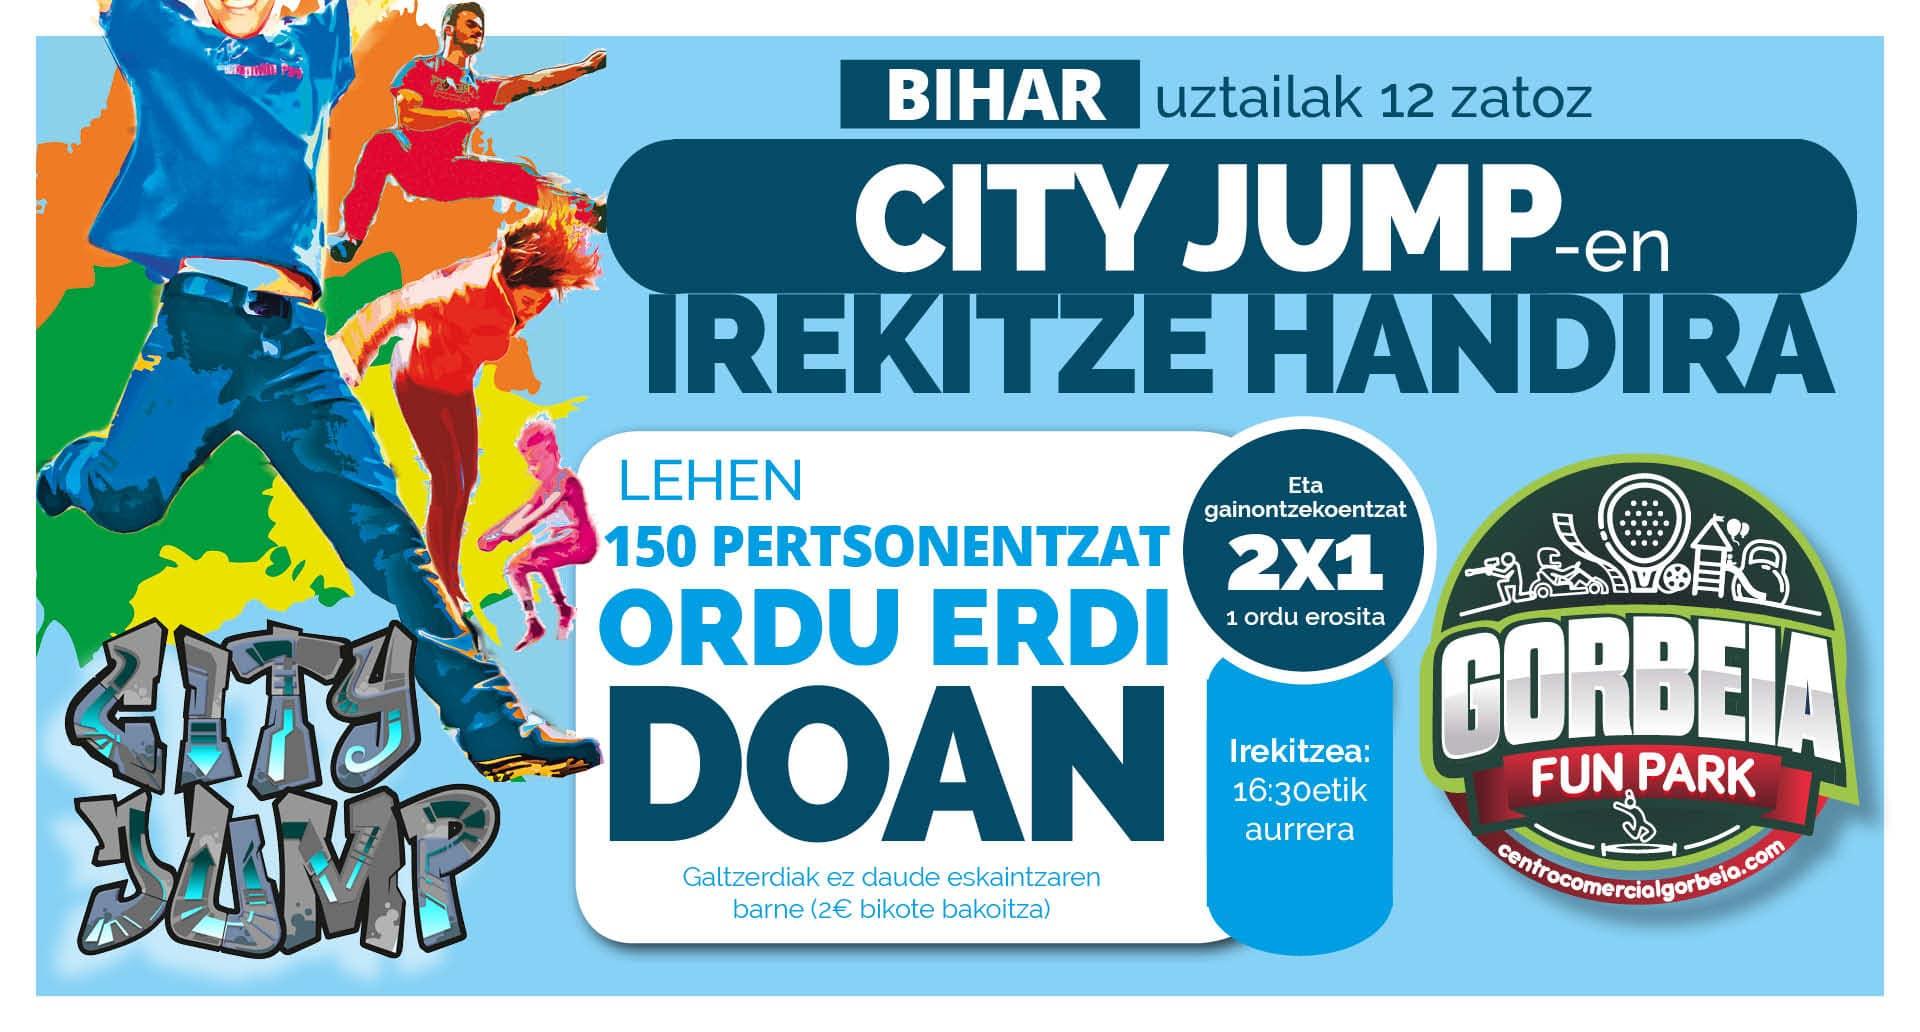 """Gorbeia Merkataritza Guneak ostiralean inauguratuko du """"City Jump"""" Tranpolin Parke berria"""